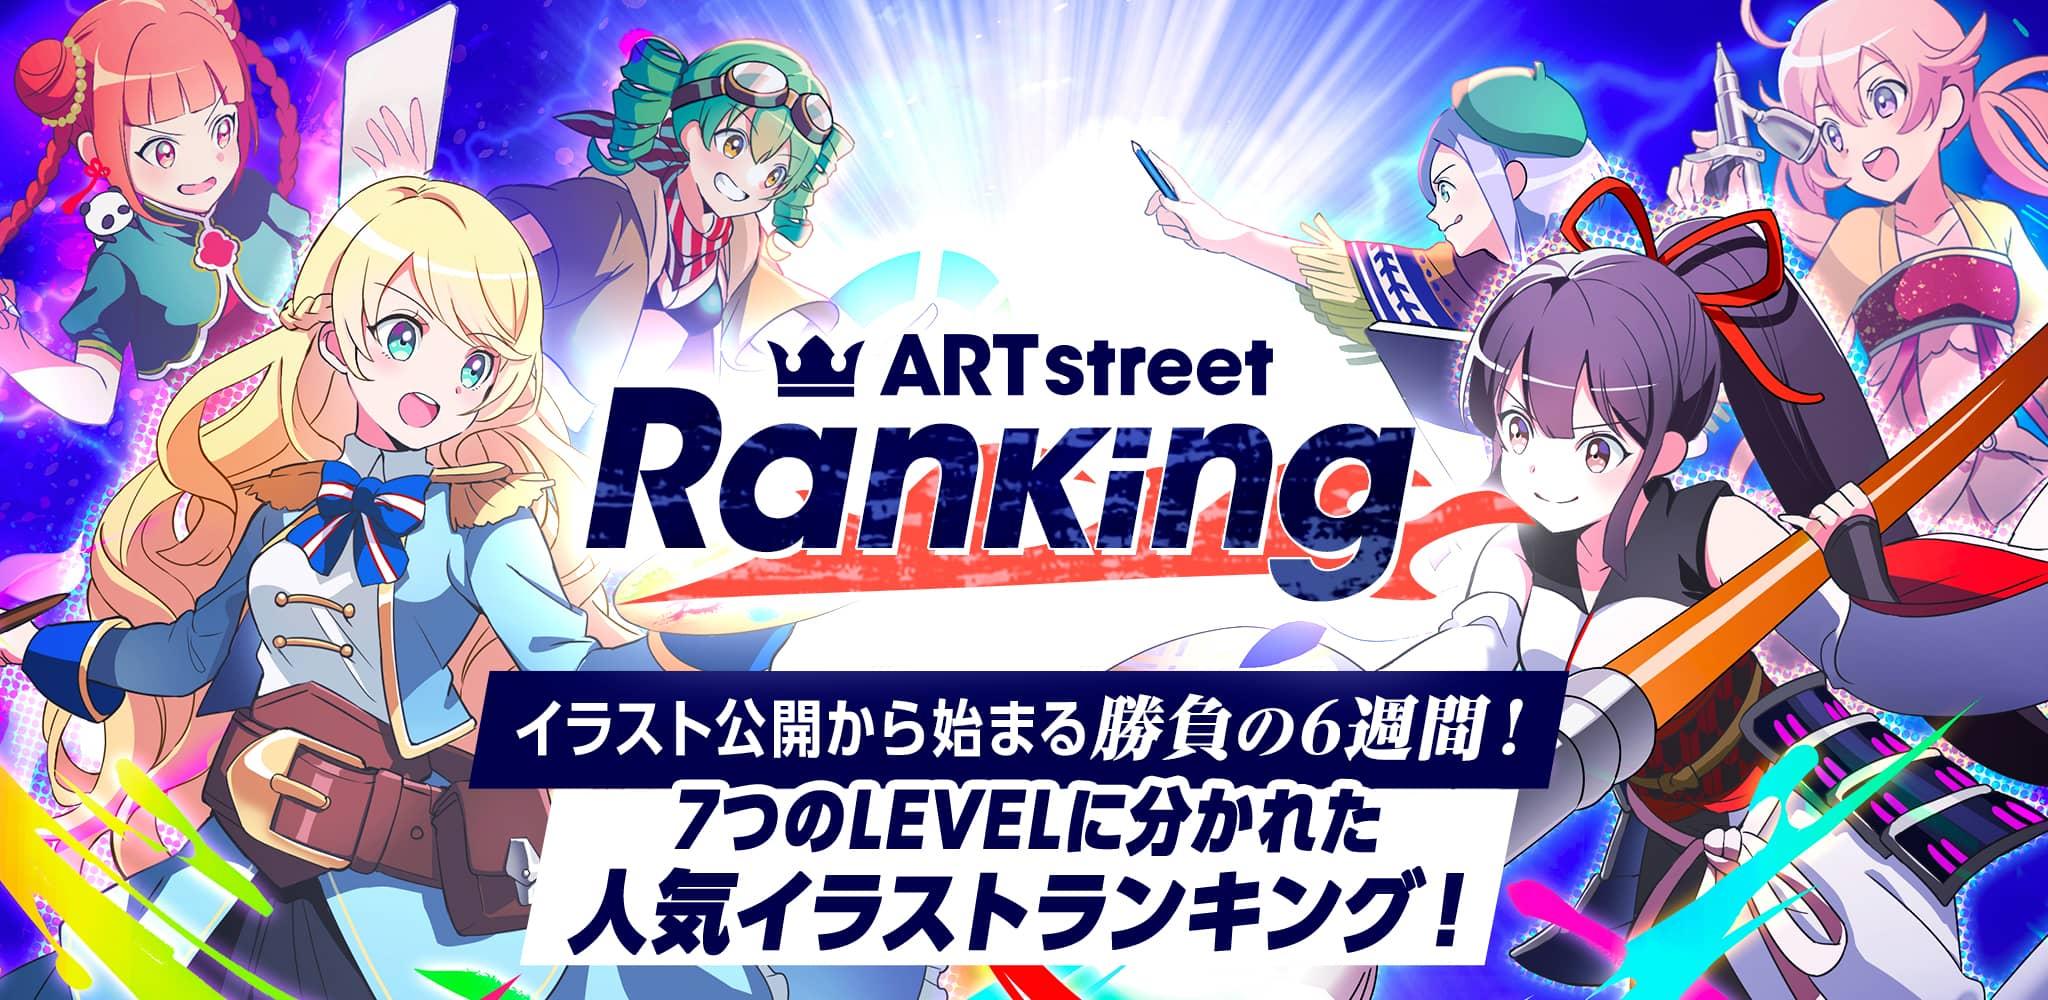 ART street Ranking